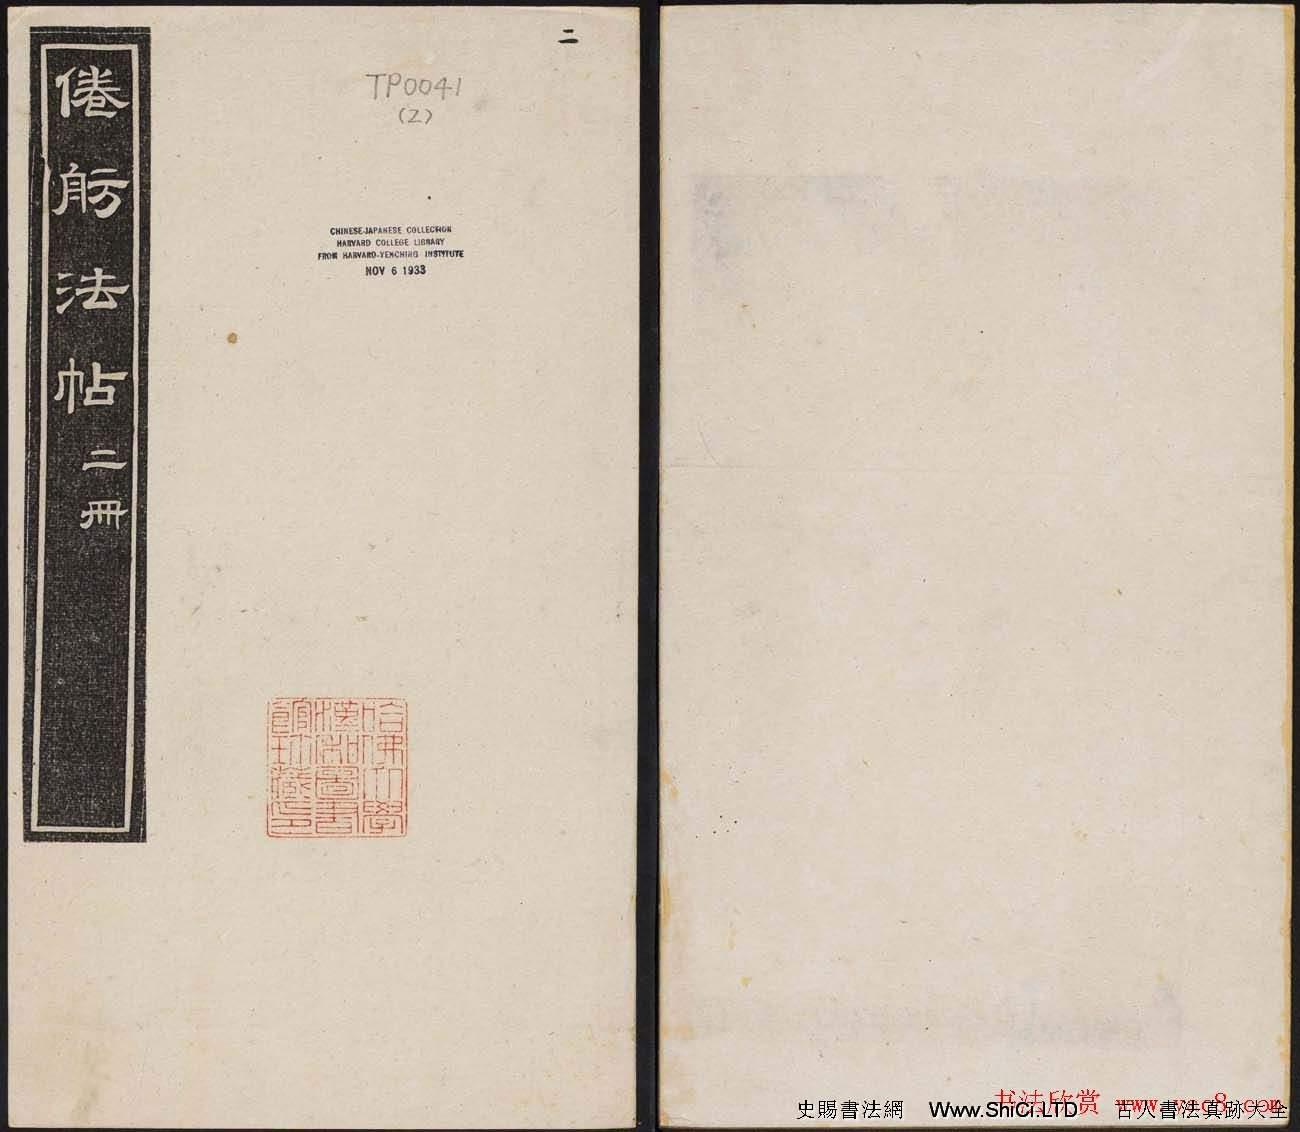 哈佛大學漢和圖書館藏《倦舫法帖》第二冊(共22張圖片)